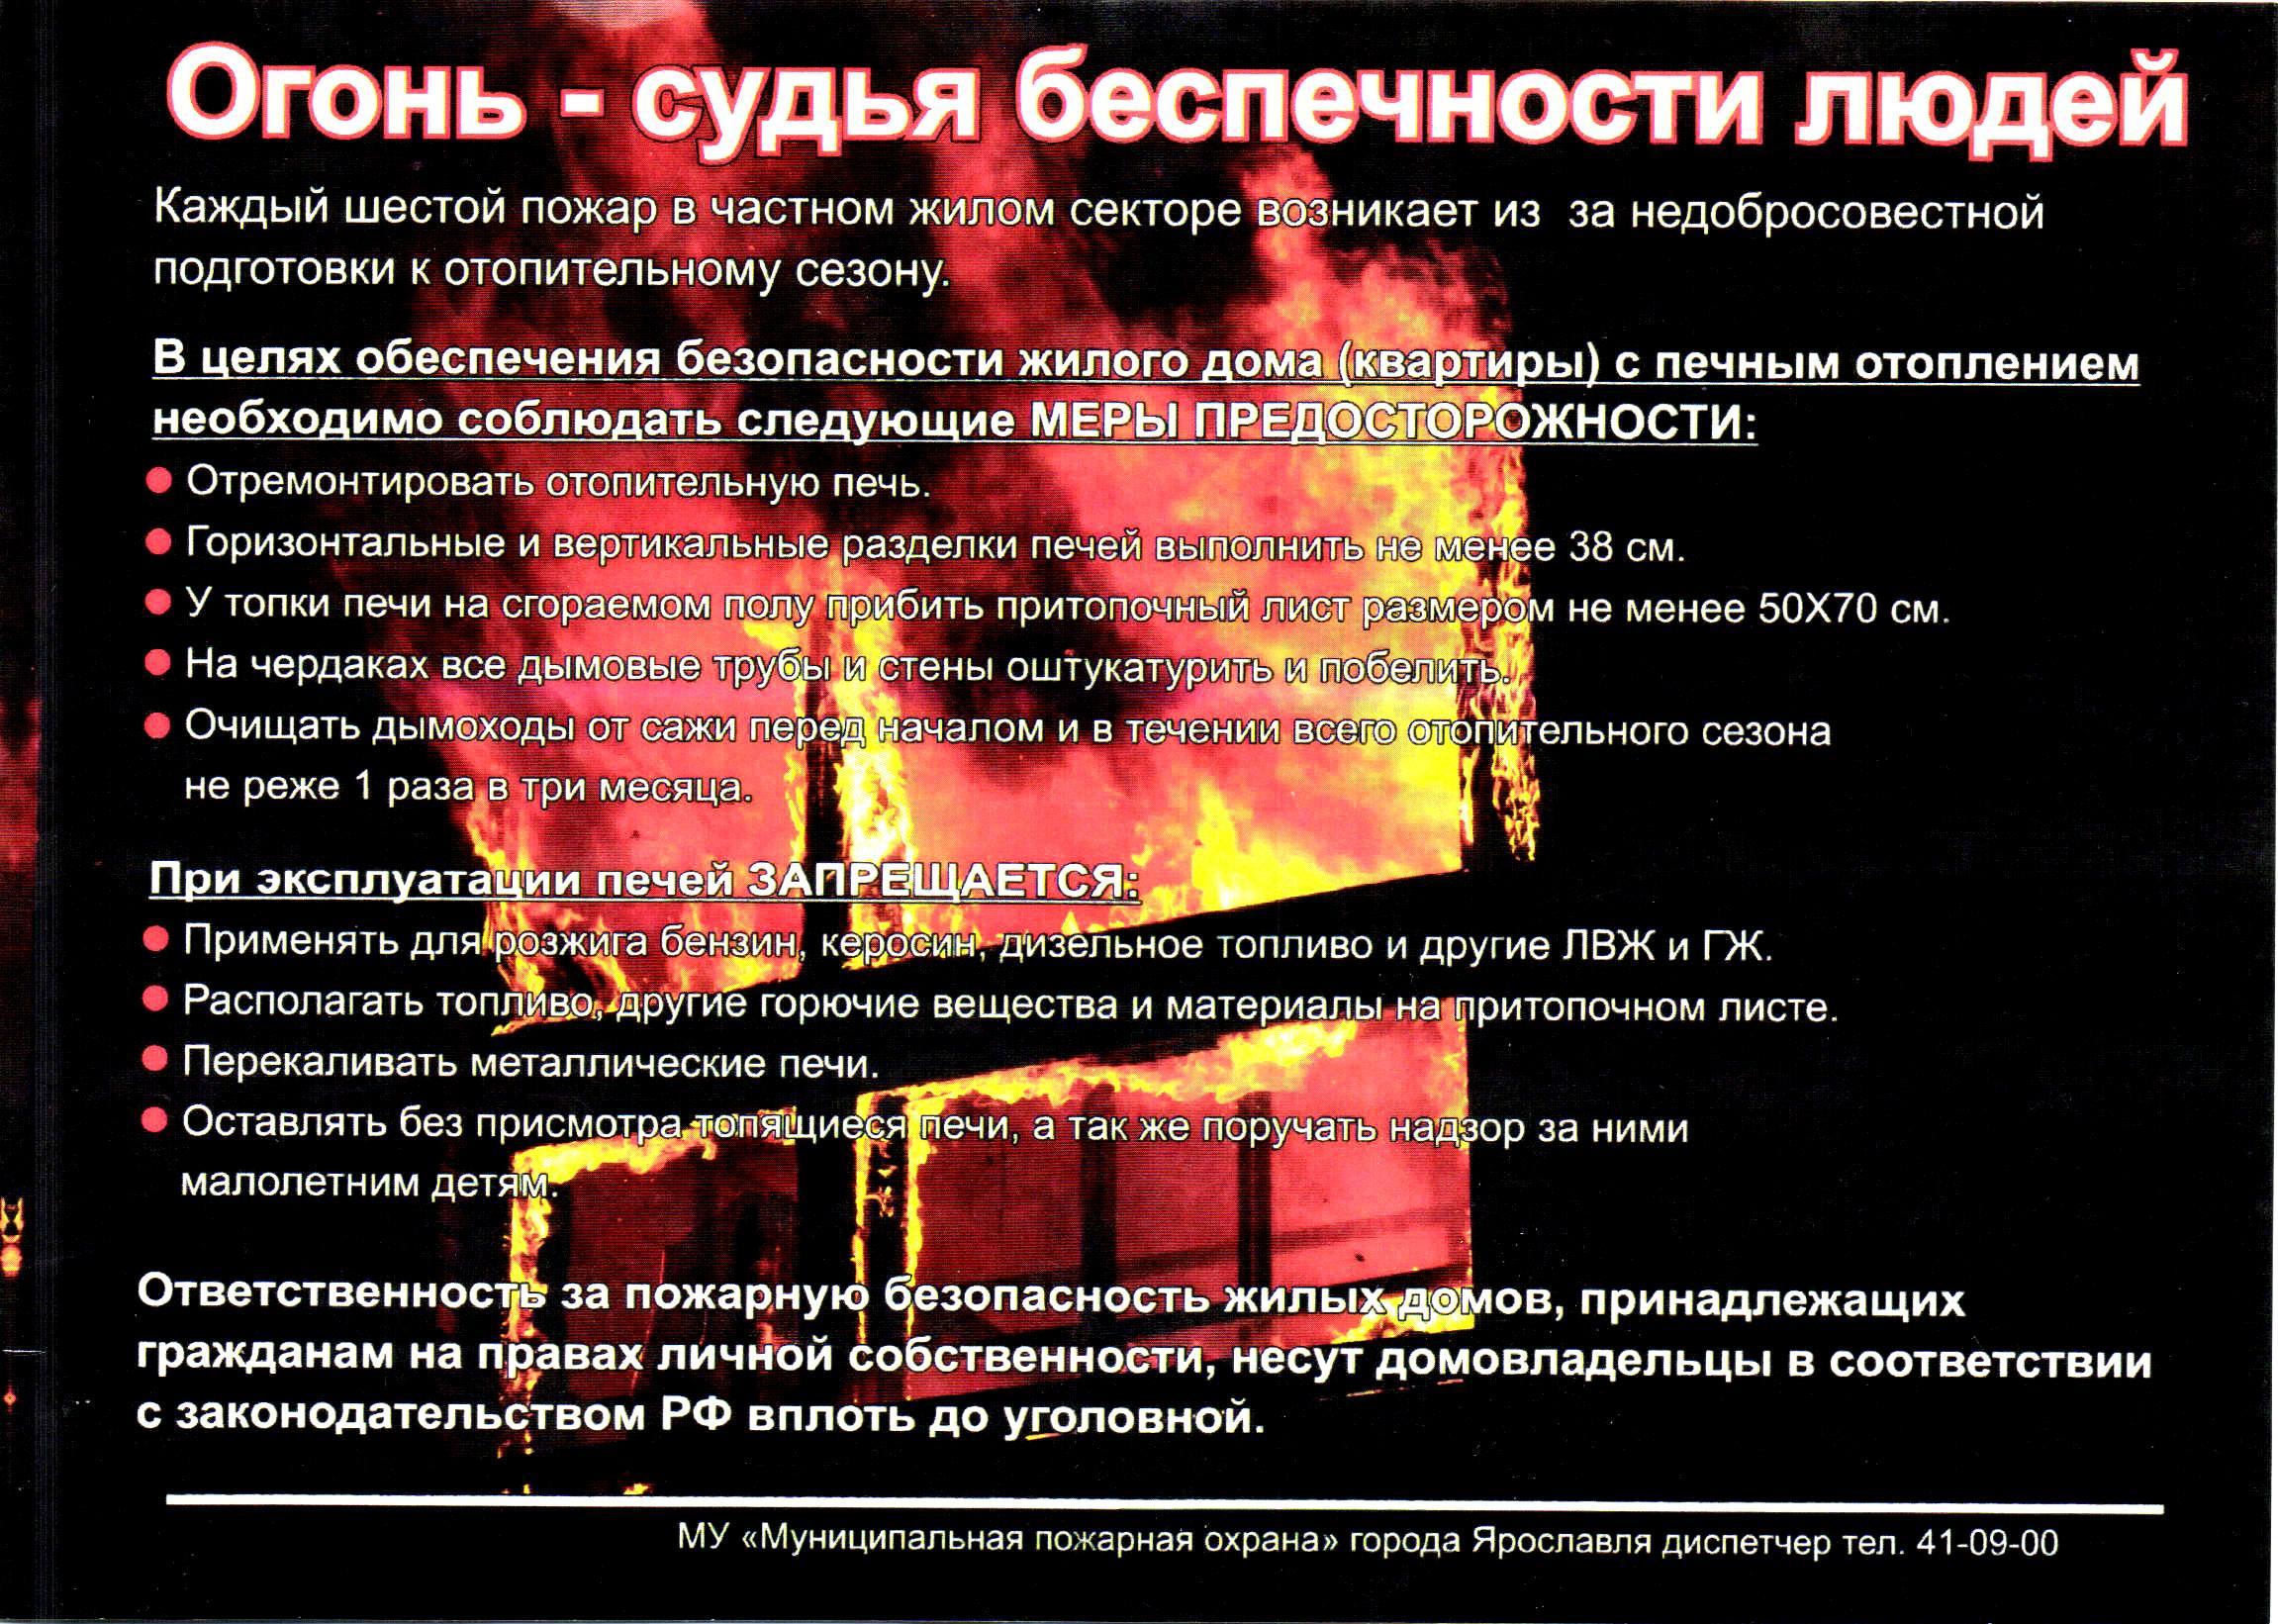 Огонь - судья беспечности людей